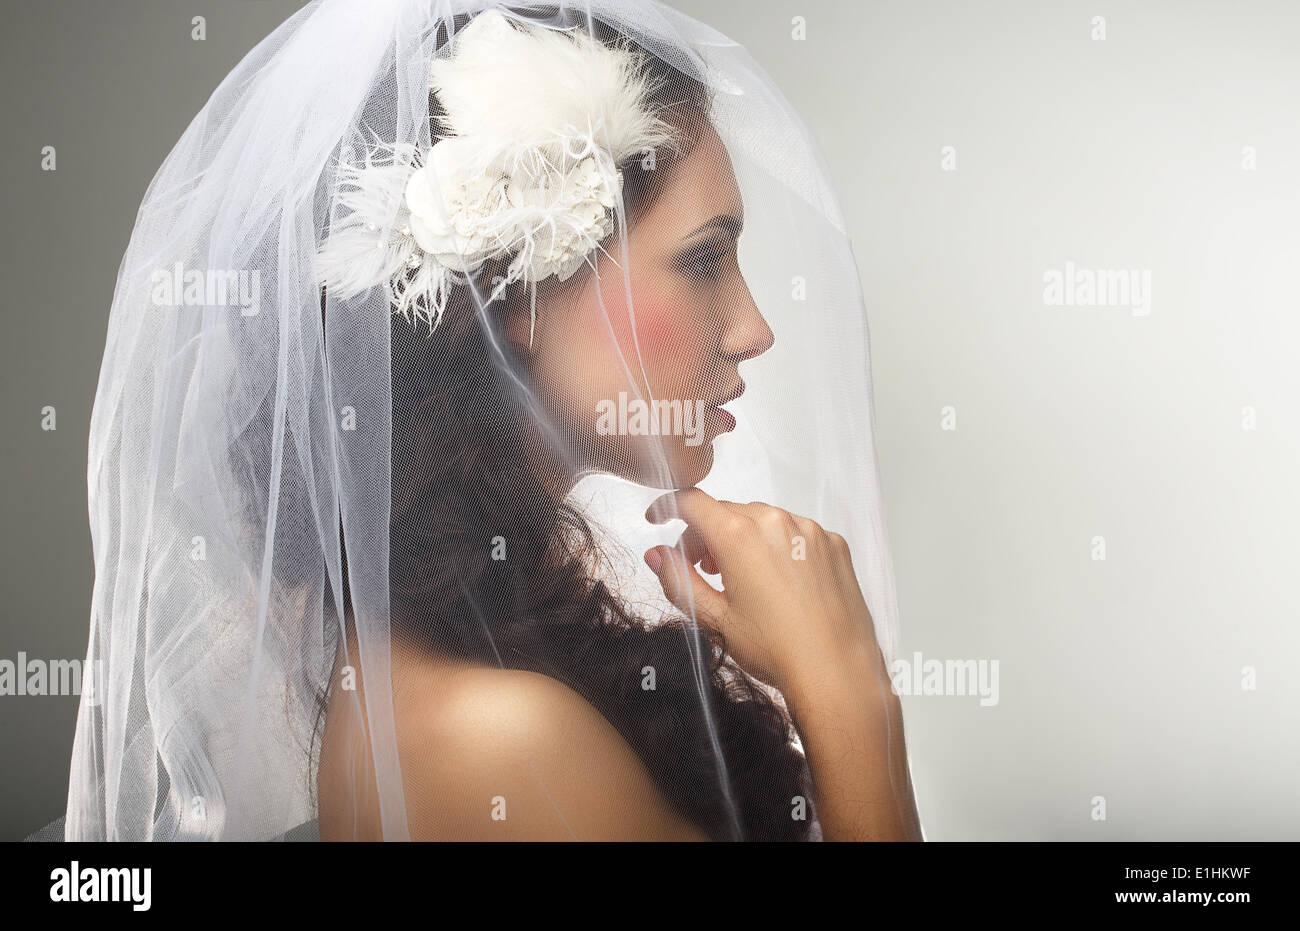 El compromiso. Hermosura. Vista lateral del afecto sincero mujer en Velo Imagen De Stock